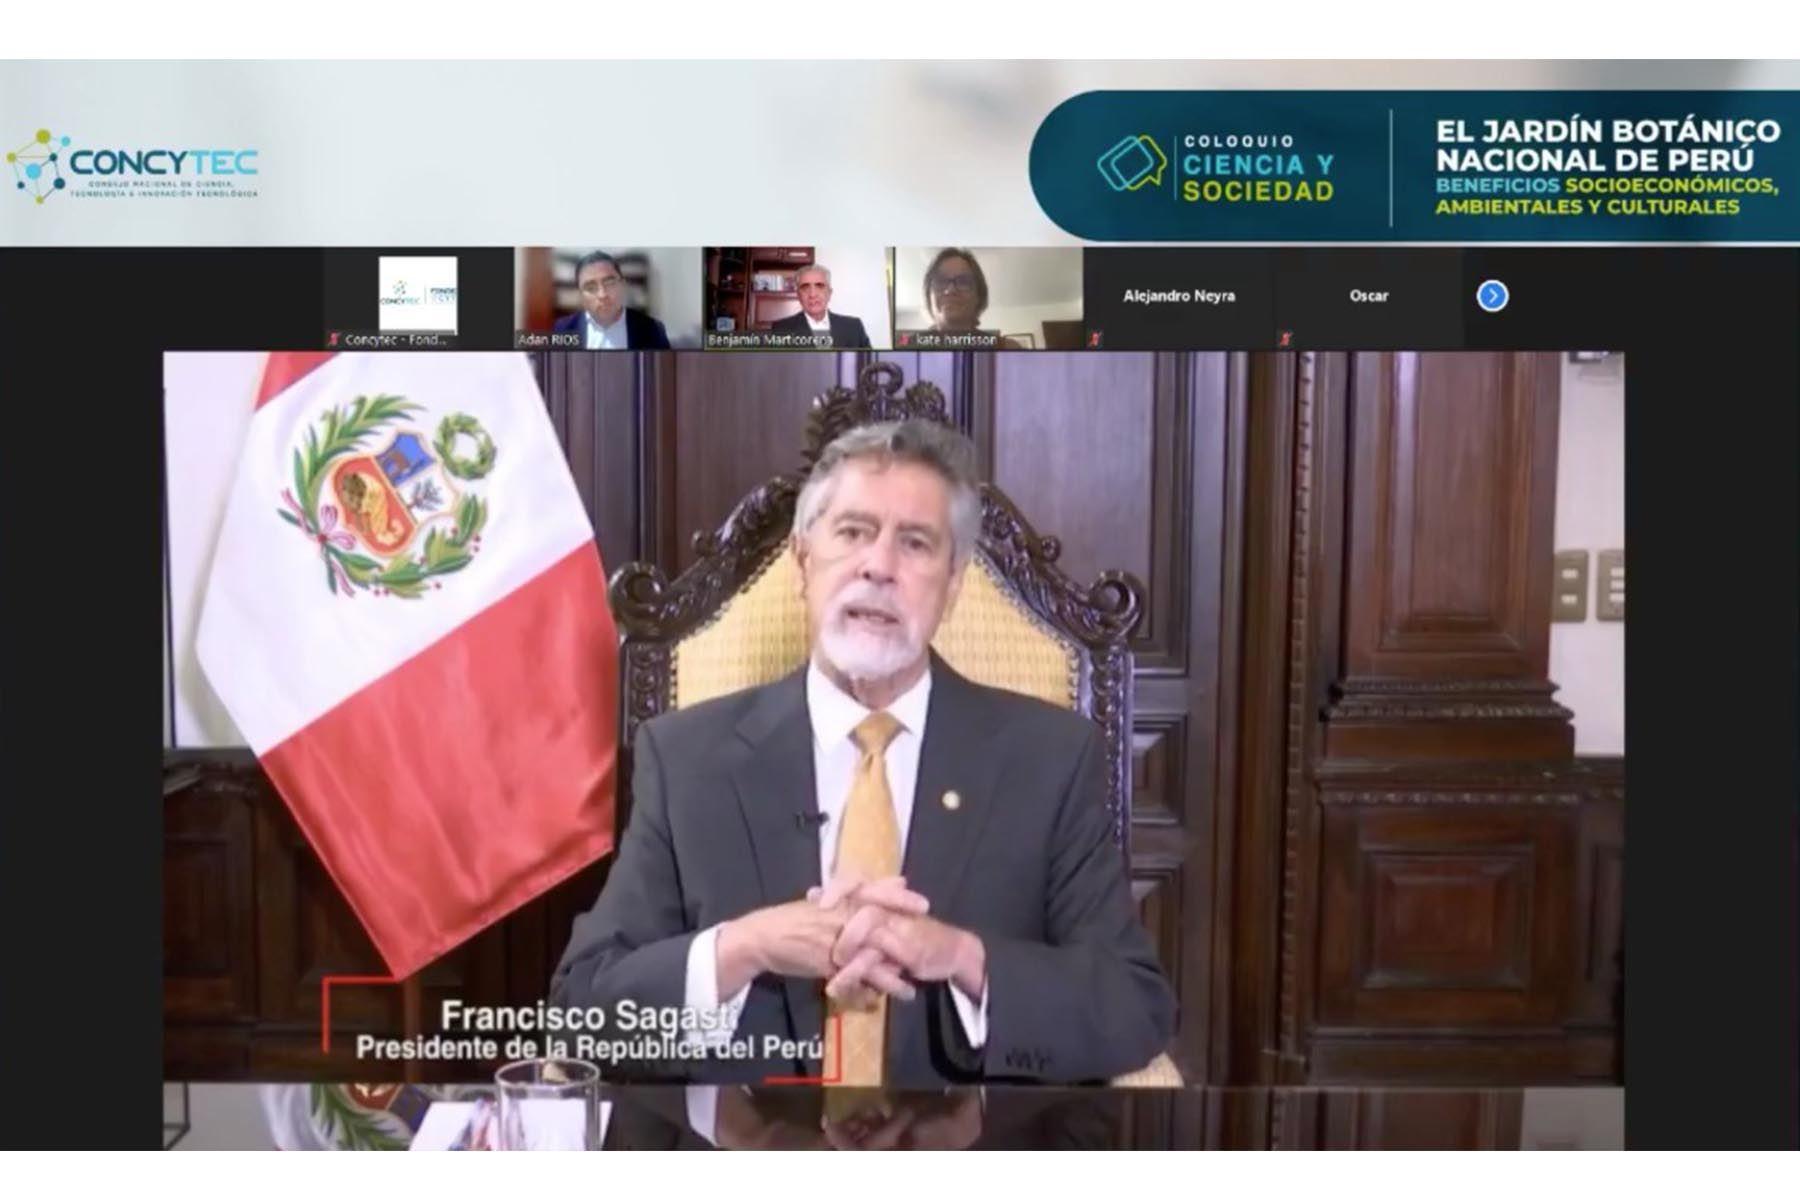 El Presidente de la República, Francisco Sagasti, participó en la inauguración del Coloquio Ciencia y Sociedad: El Jardín Botánico Nacional del Perú, evento completamente virtual y gratuito que va del 19 al 22 de abril de 2021.